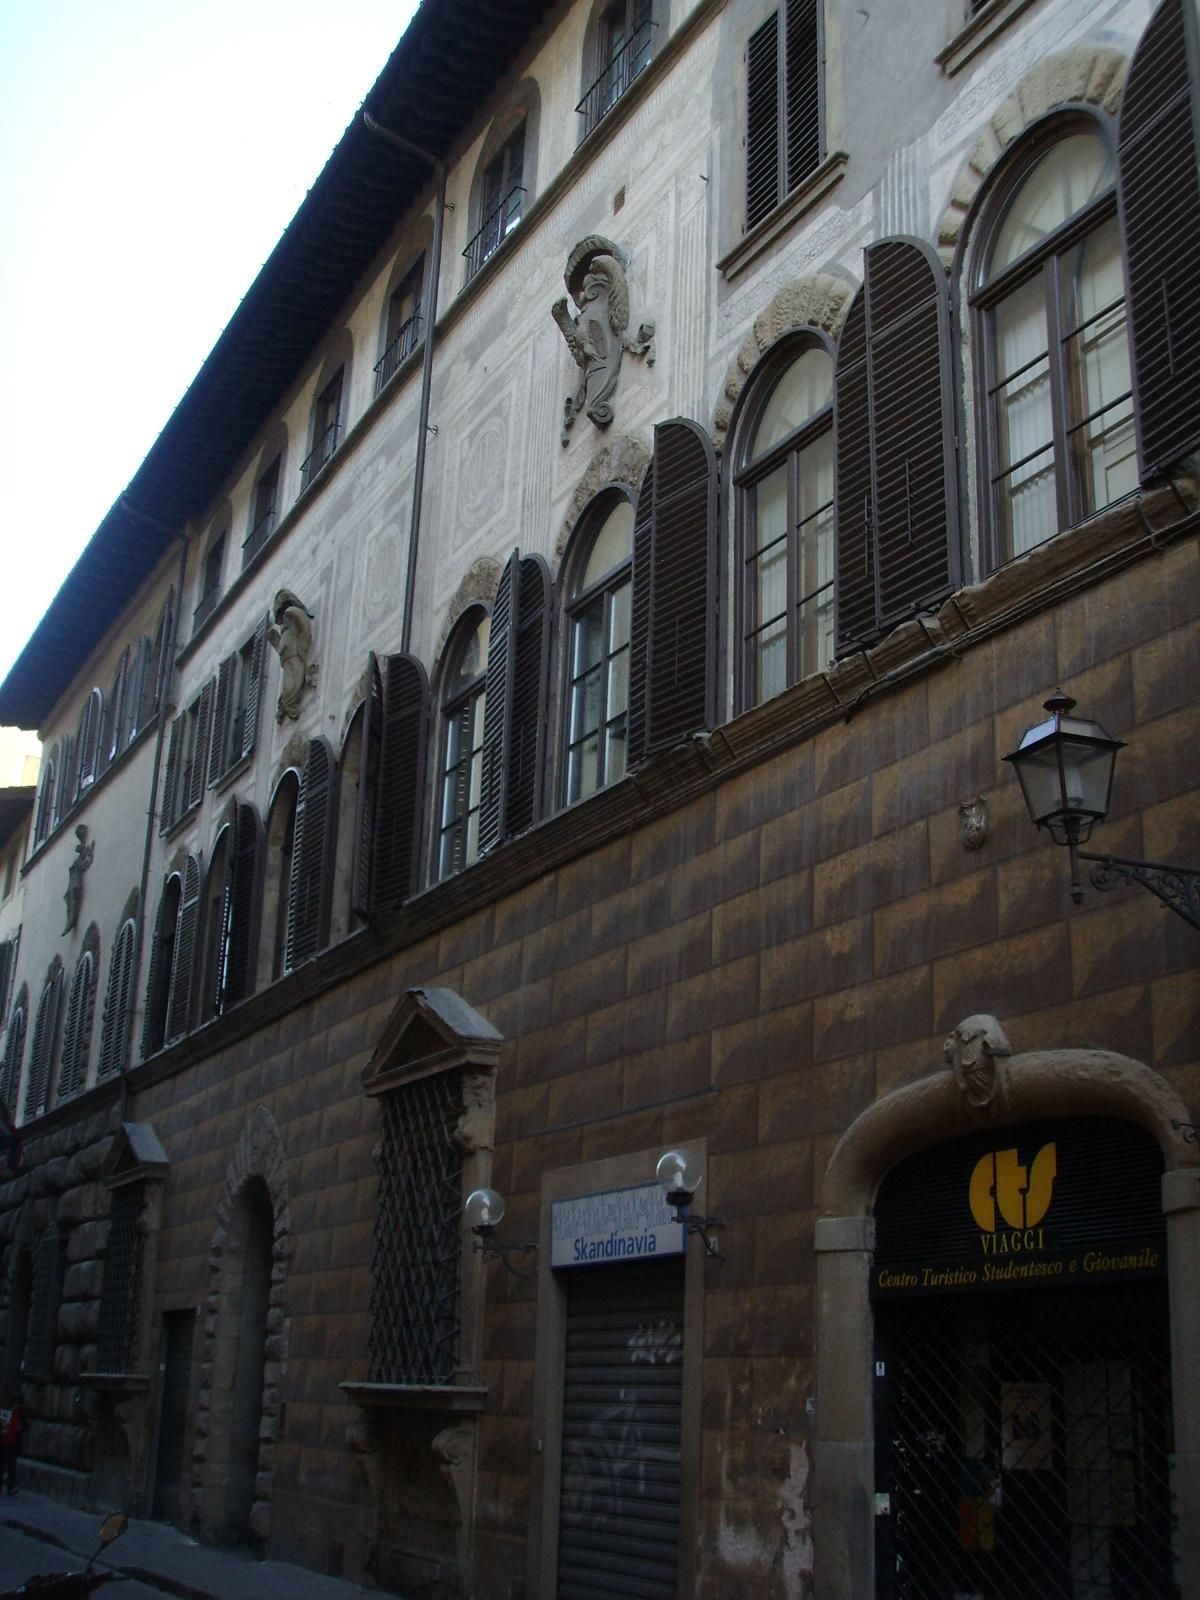 Palazzo_Barbolani_di_Montauto_01.JPG